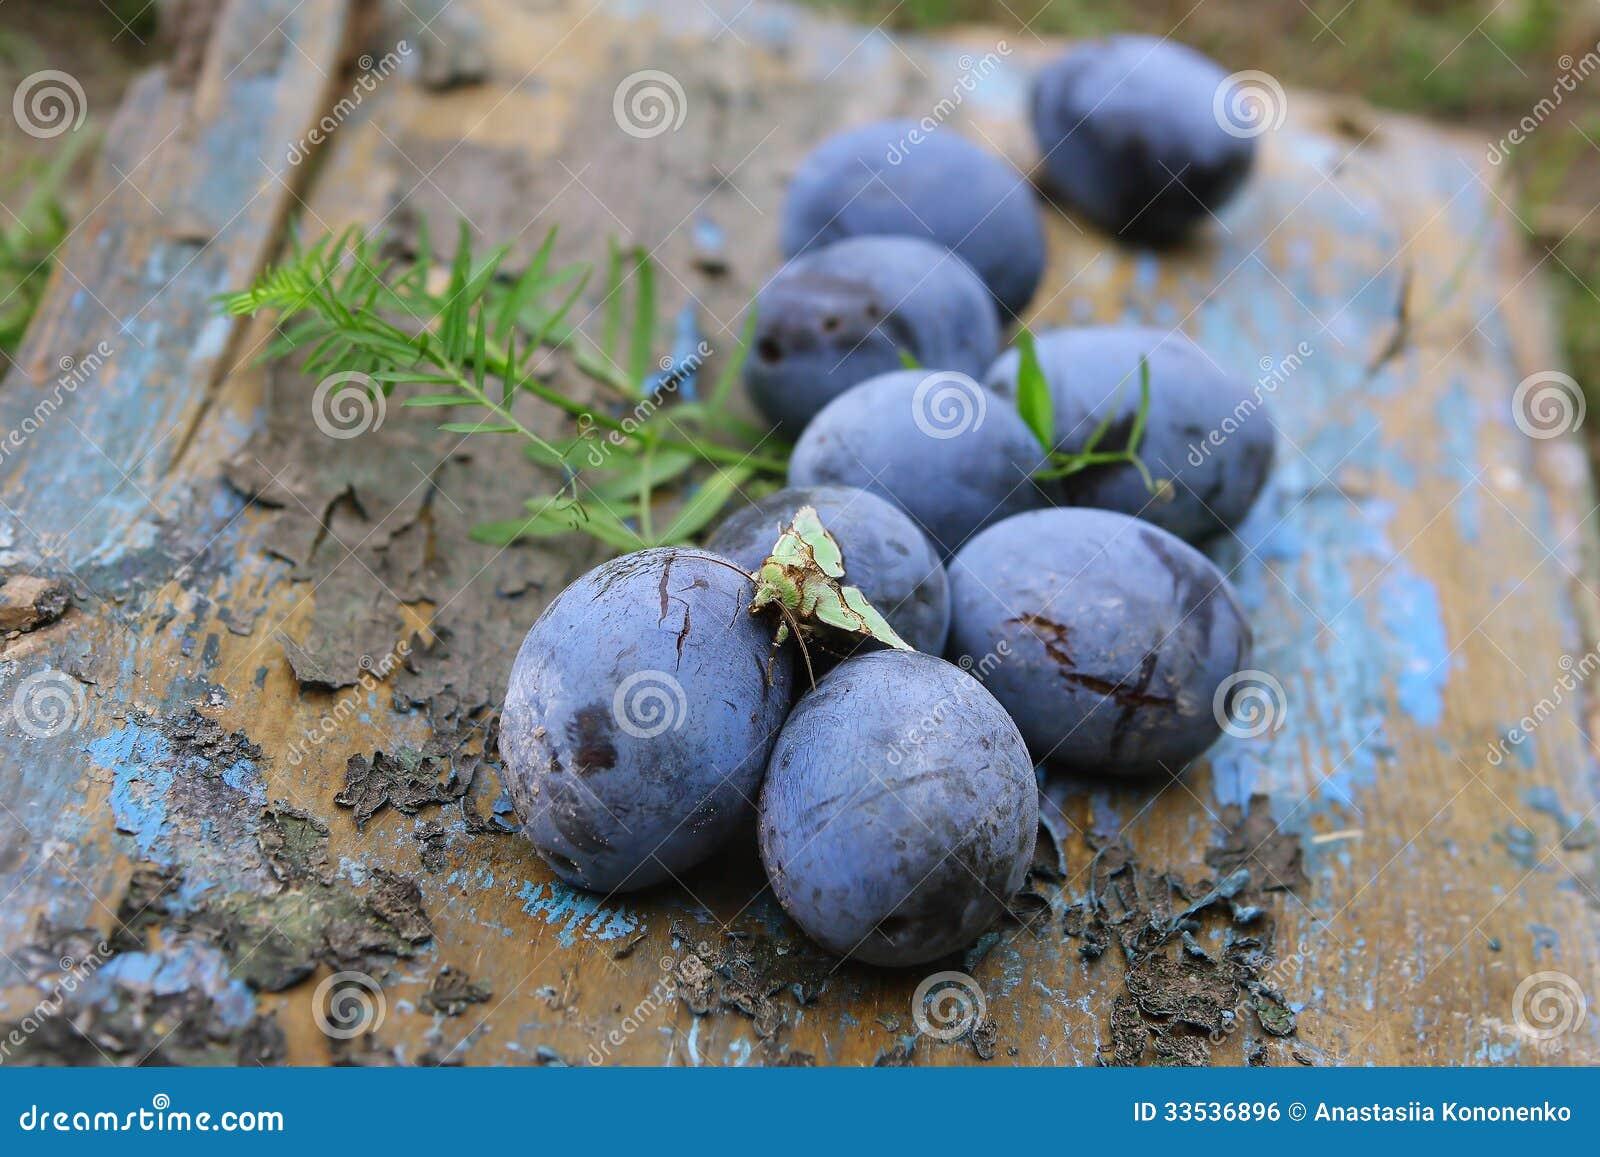 Blauwe pruim in de oude tuin stock foto afbeelding 33536896 - Tuin decoratie buitenkant ...